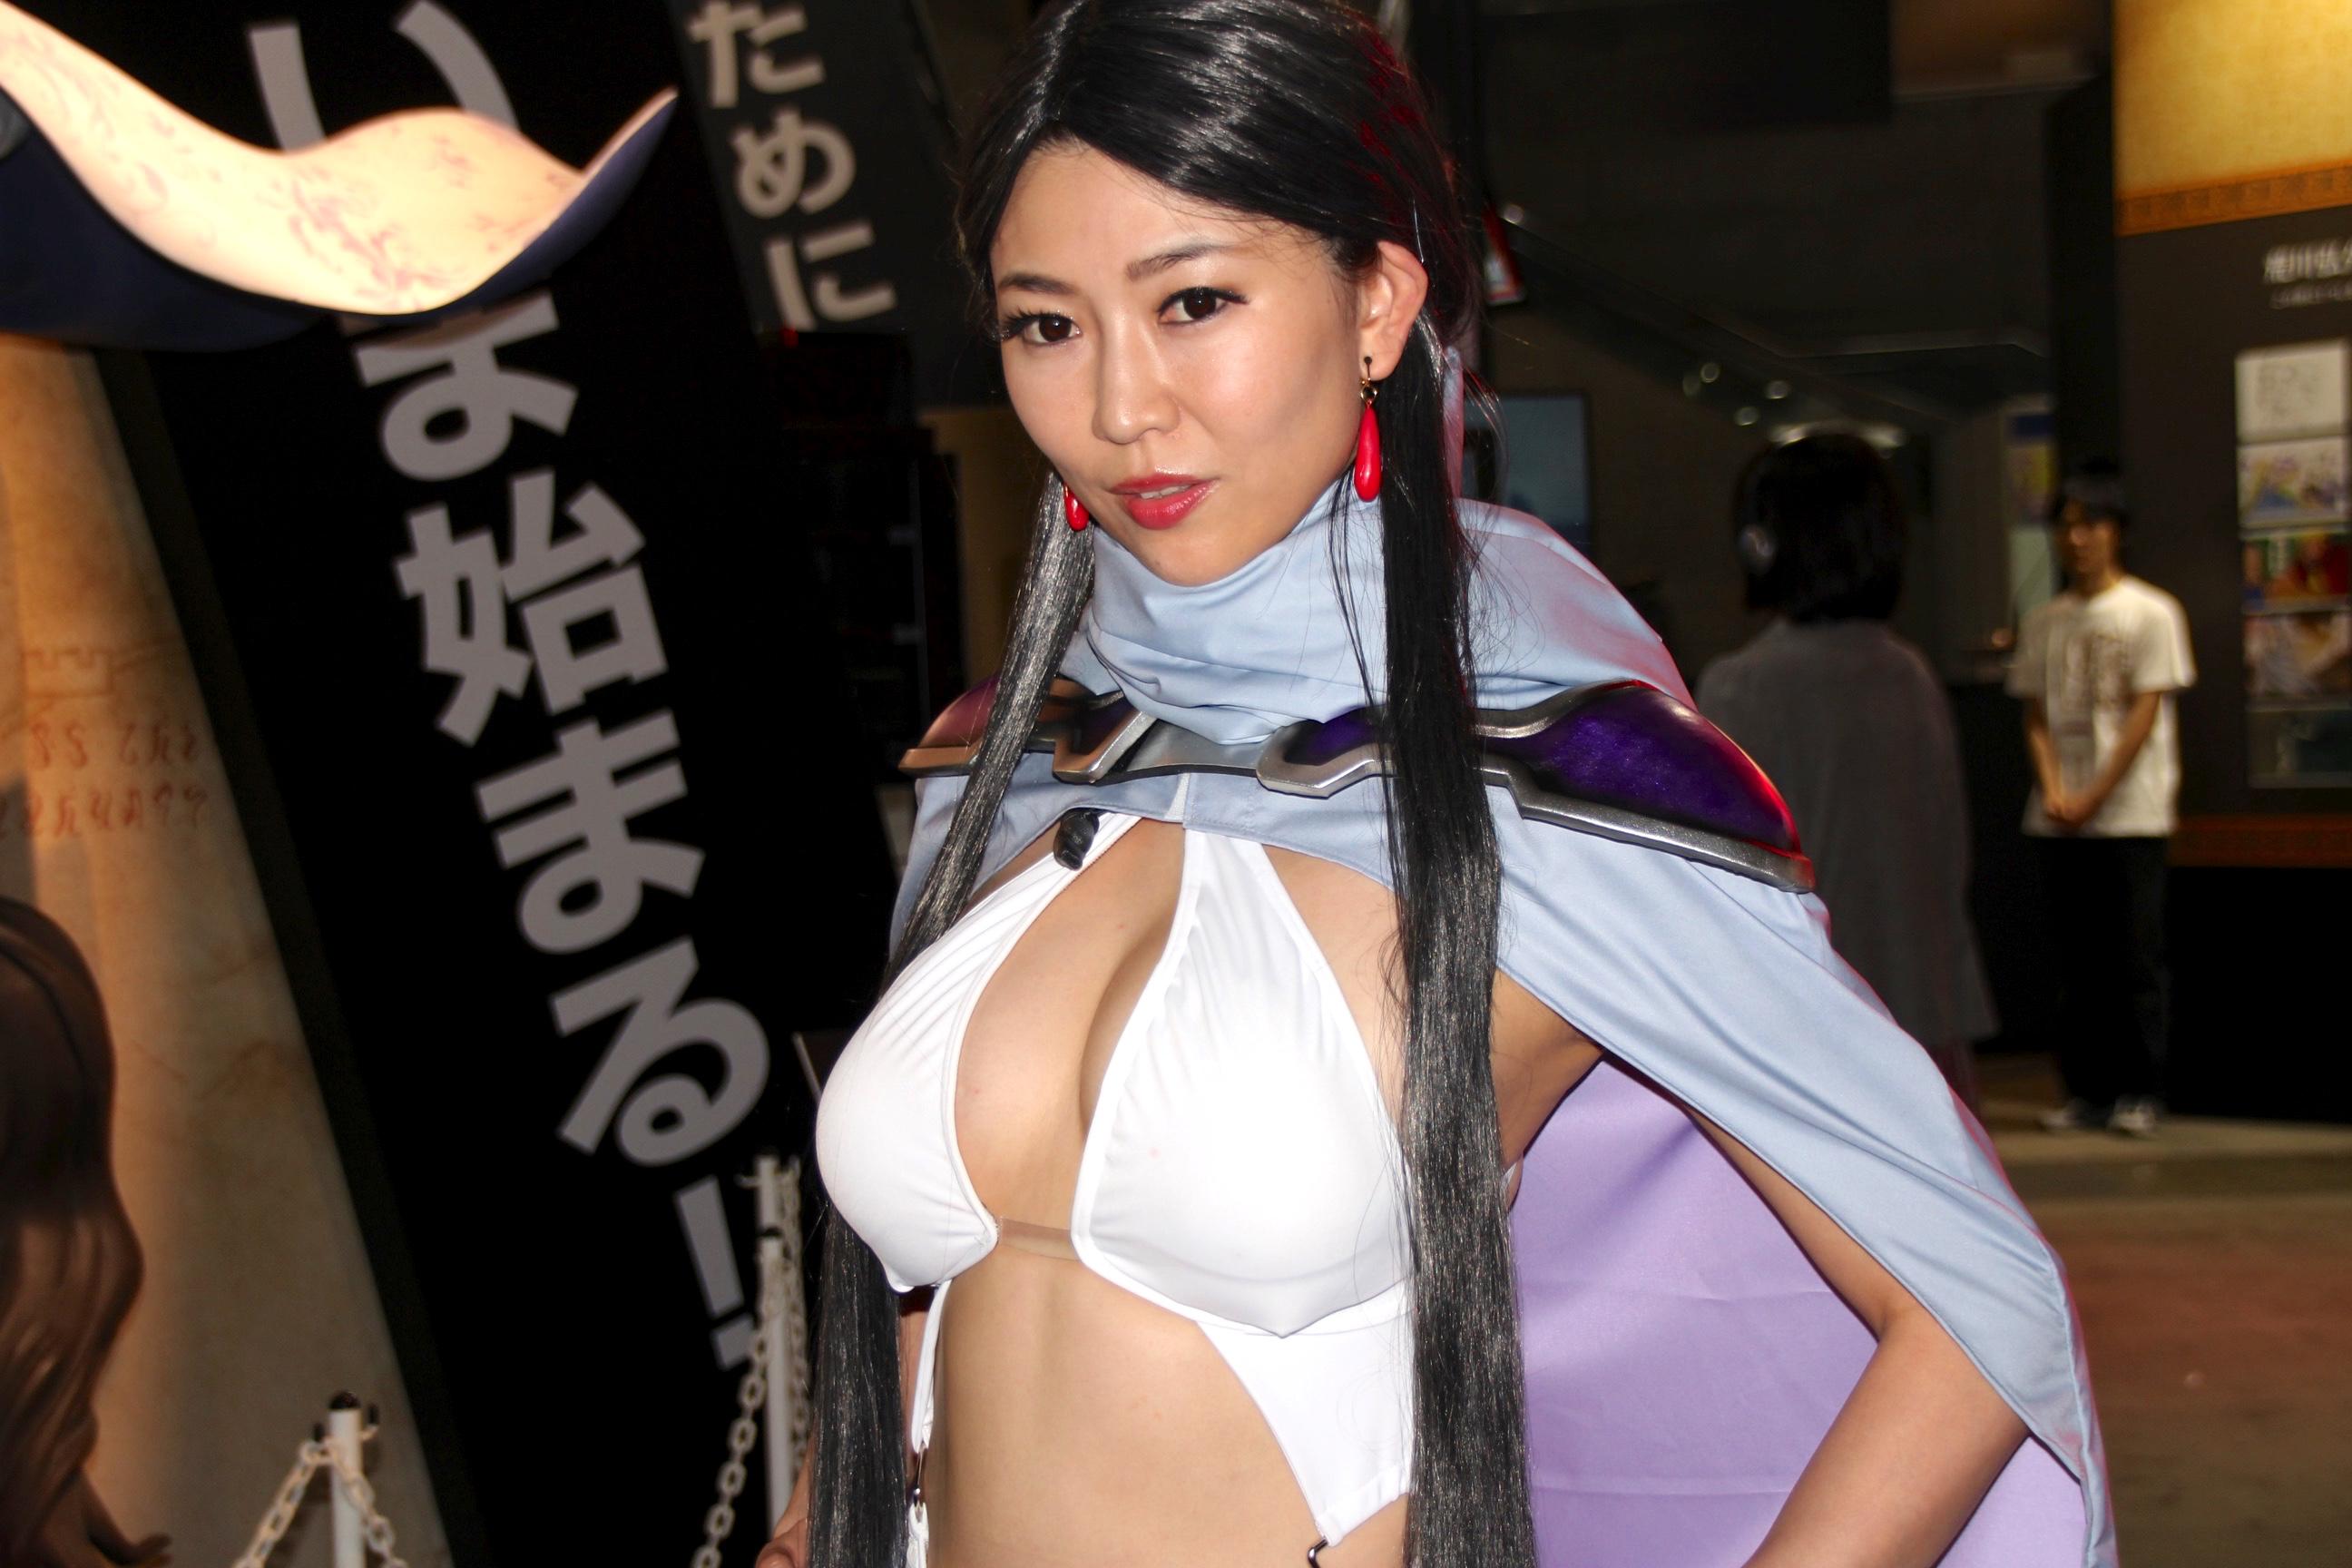 東京ゲームショウ2015 コンパニオンさん写真まとめ(DeNA、Ambition、コーエーテクモゲームス) #TGS2015